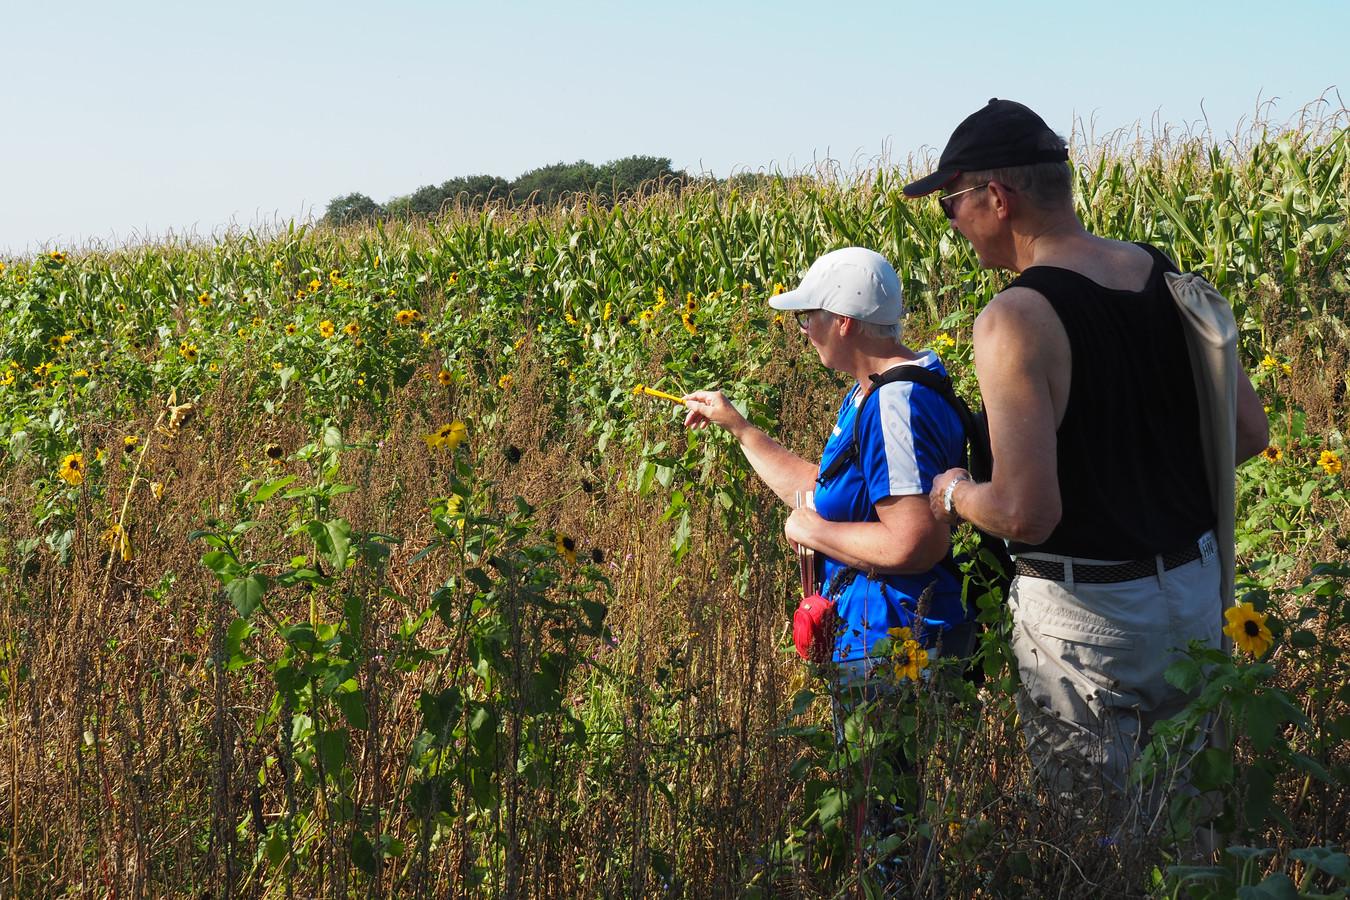 De vlindertellers van NMO liepen elke week een vaste route over de landerijen van enkele LandvanWaarde-boeren.